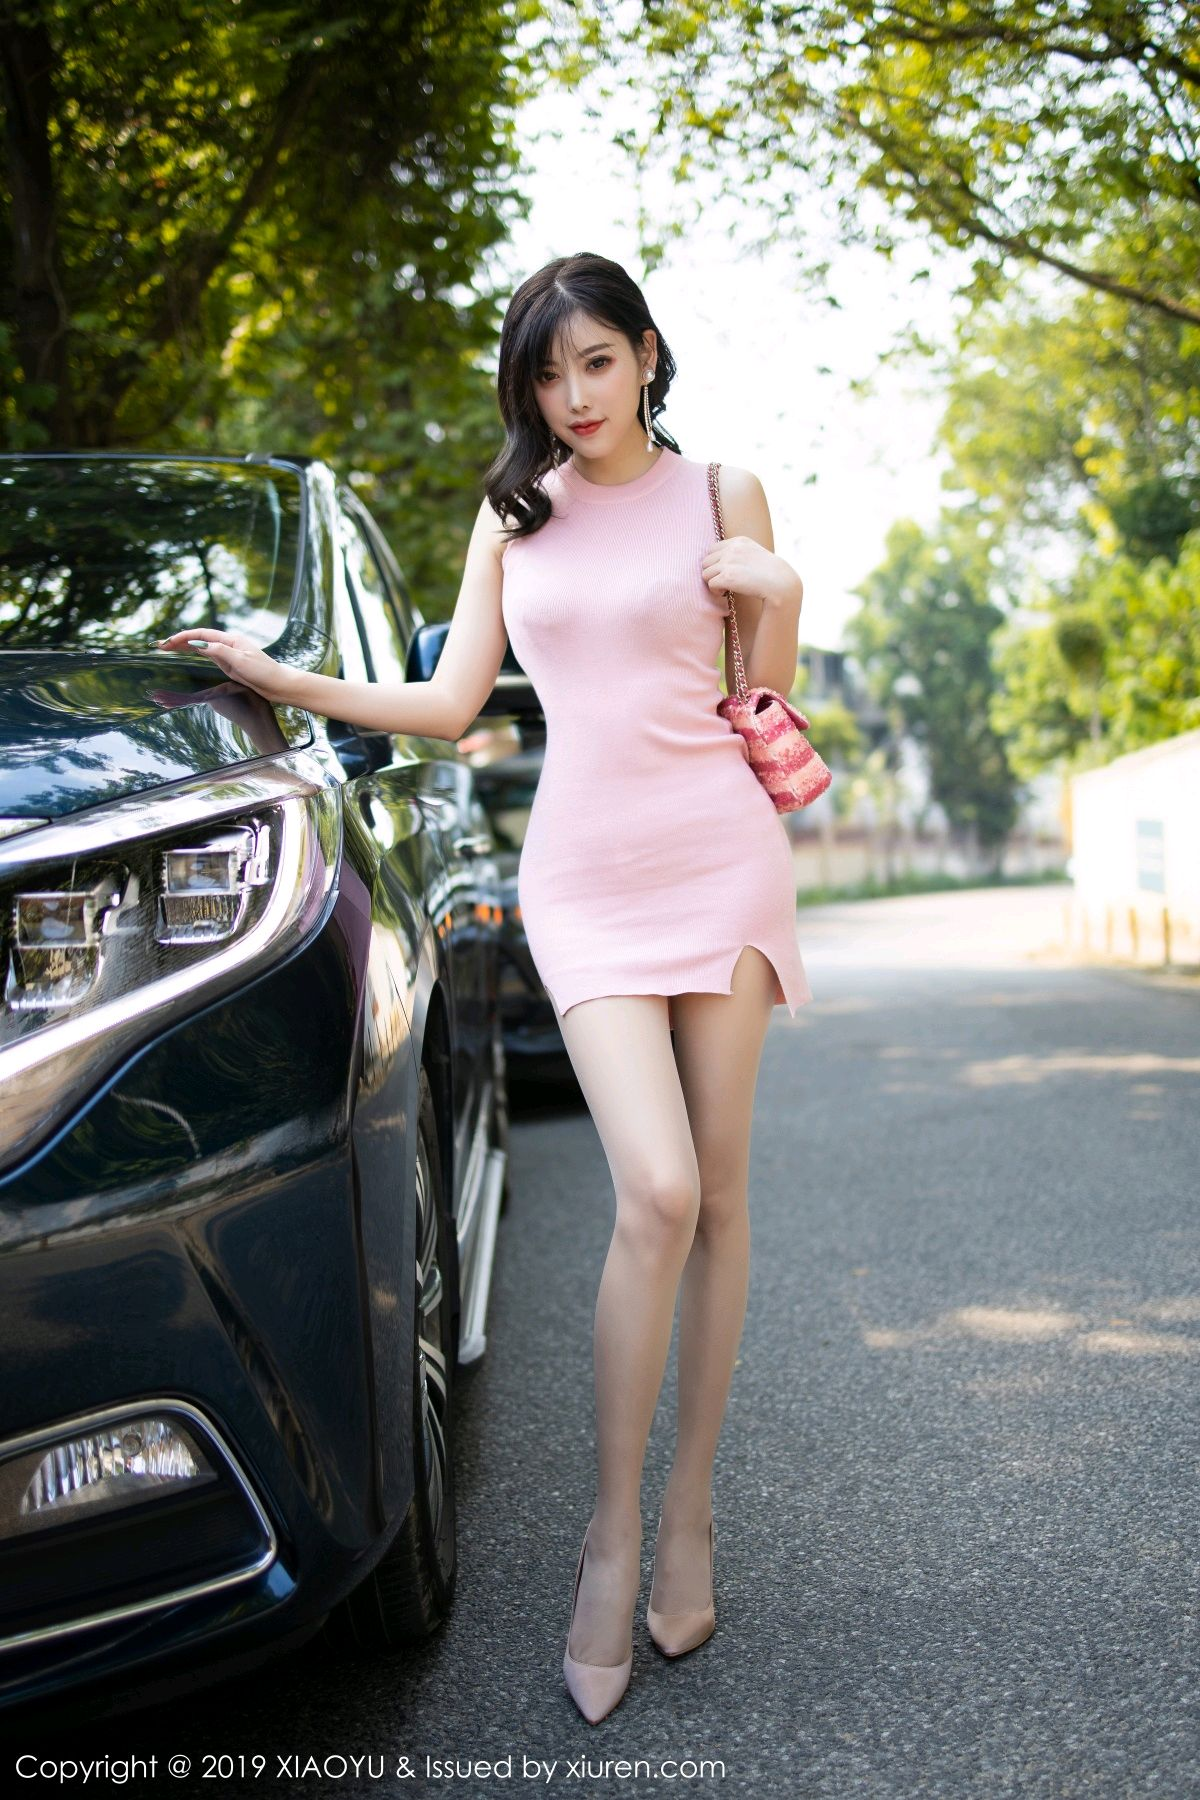 [XIAOYU] Vol.178 Yang Chen Chen 3P, Outdoor, Tall, XiaoYu, Yang Chen Chen